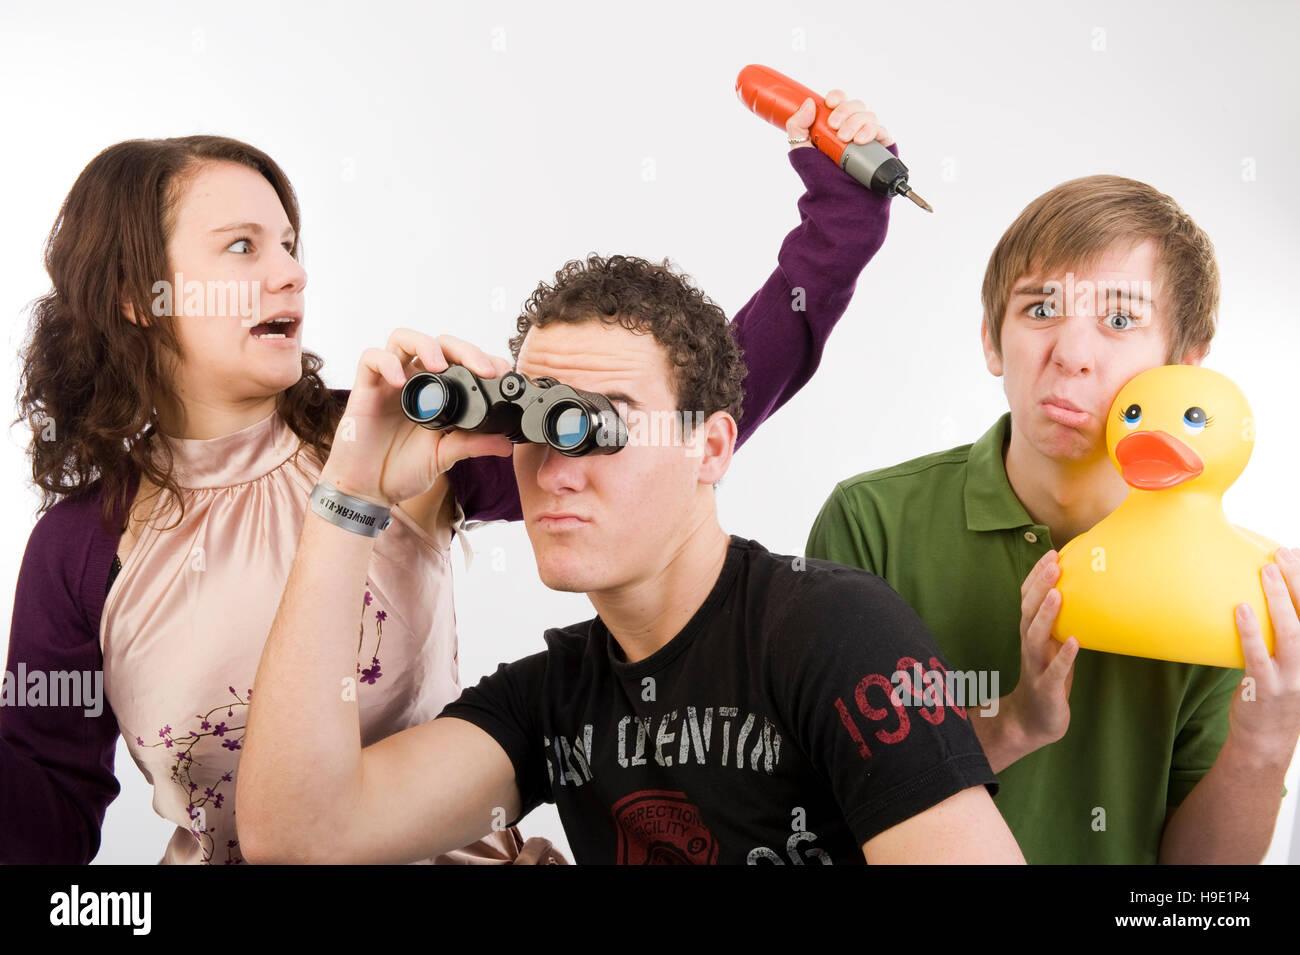 Drei Jugendliche posiert funniliy Stockfoto